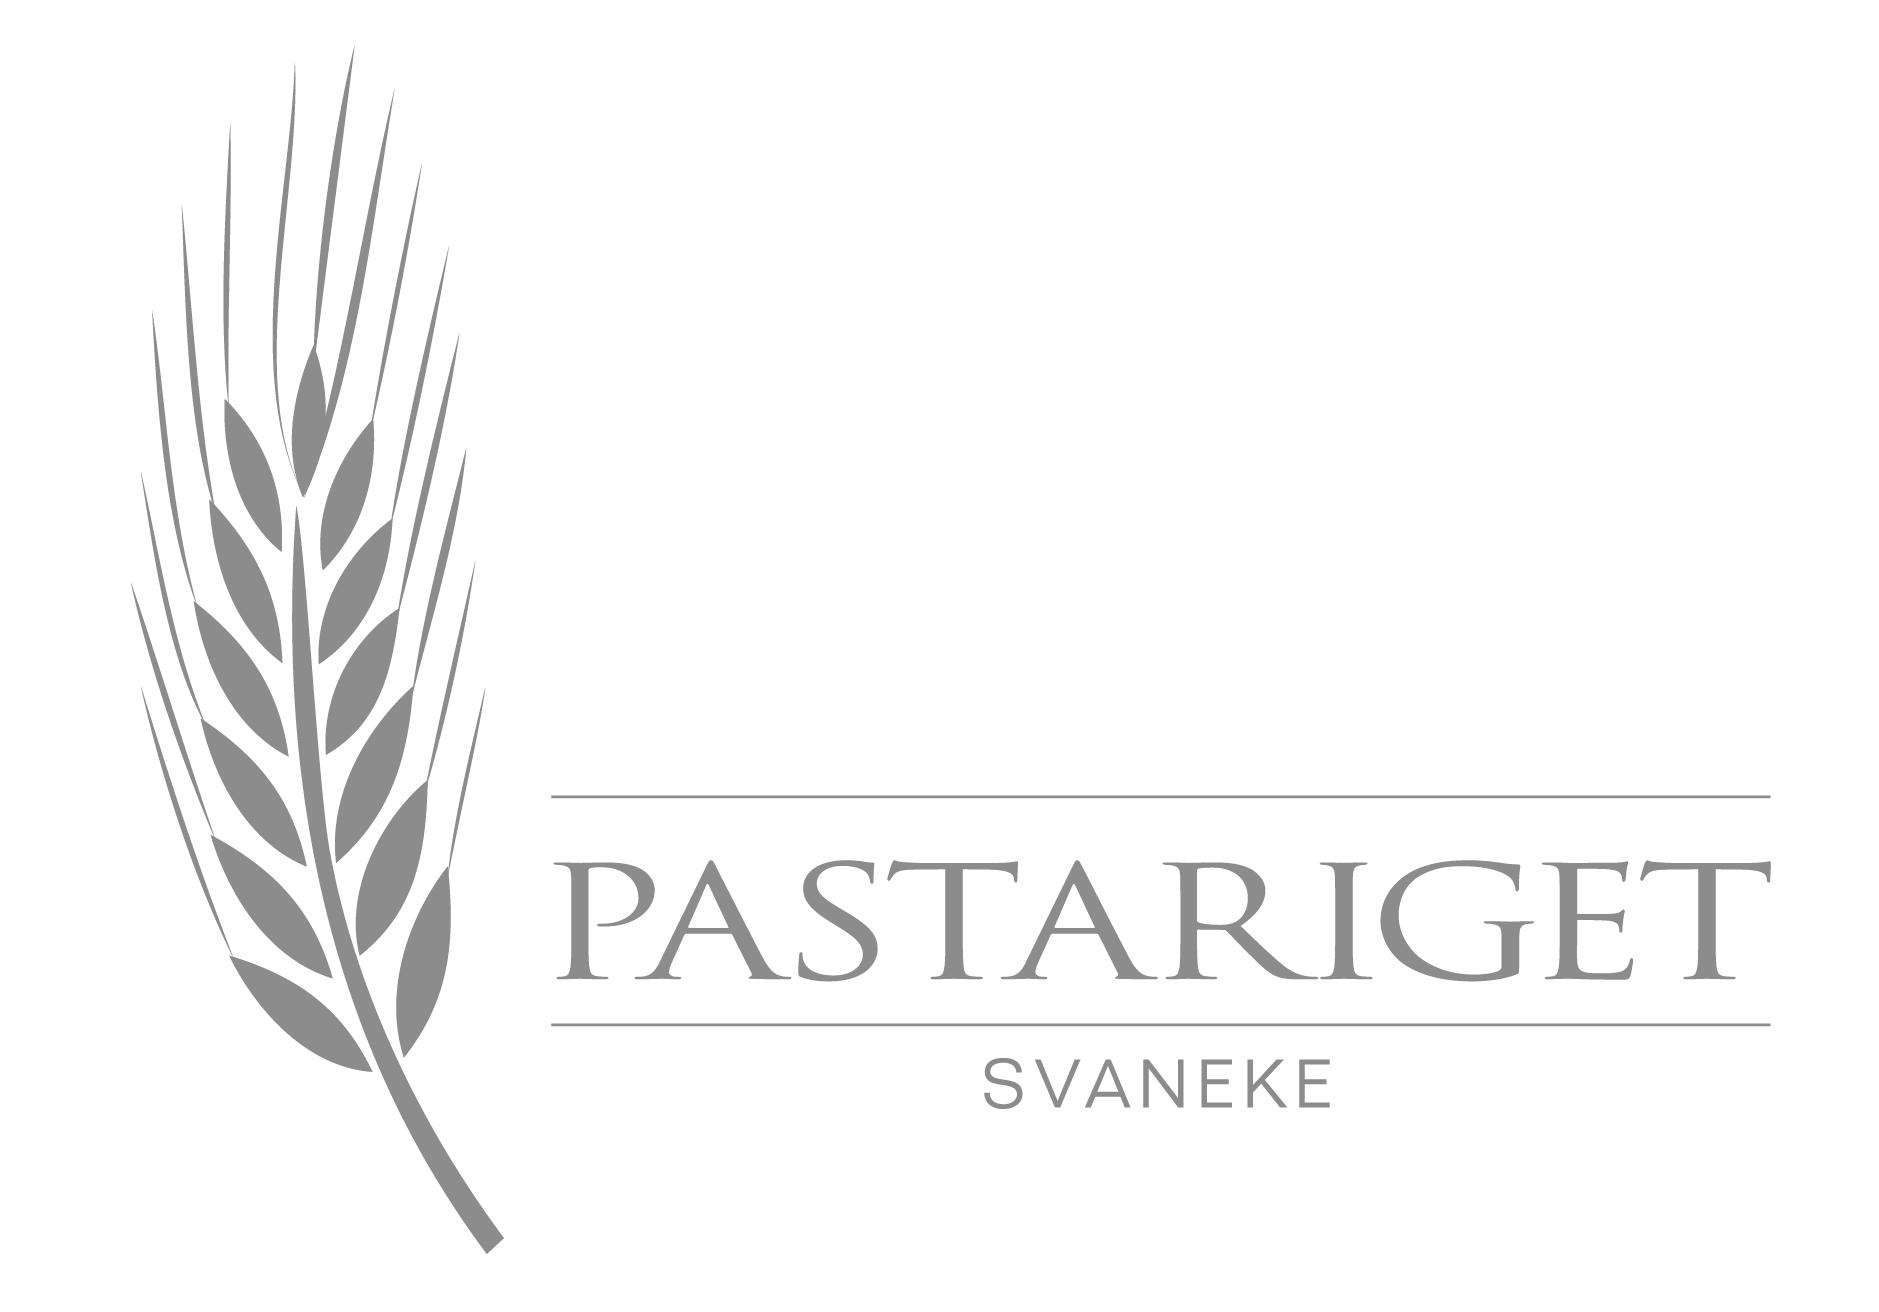 pastariget_logo